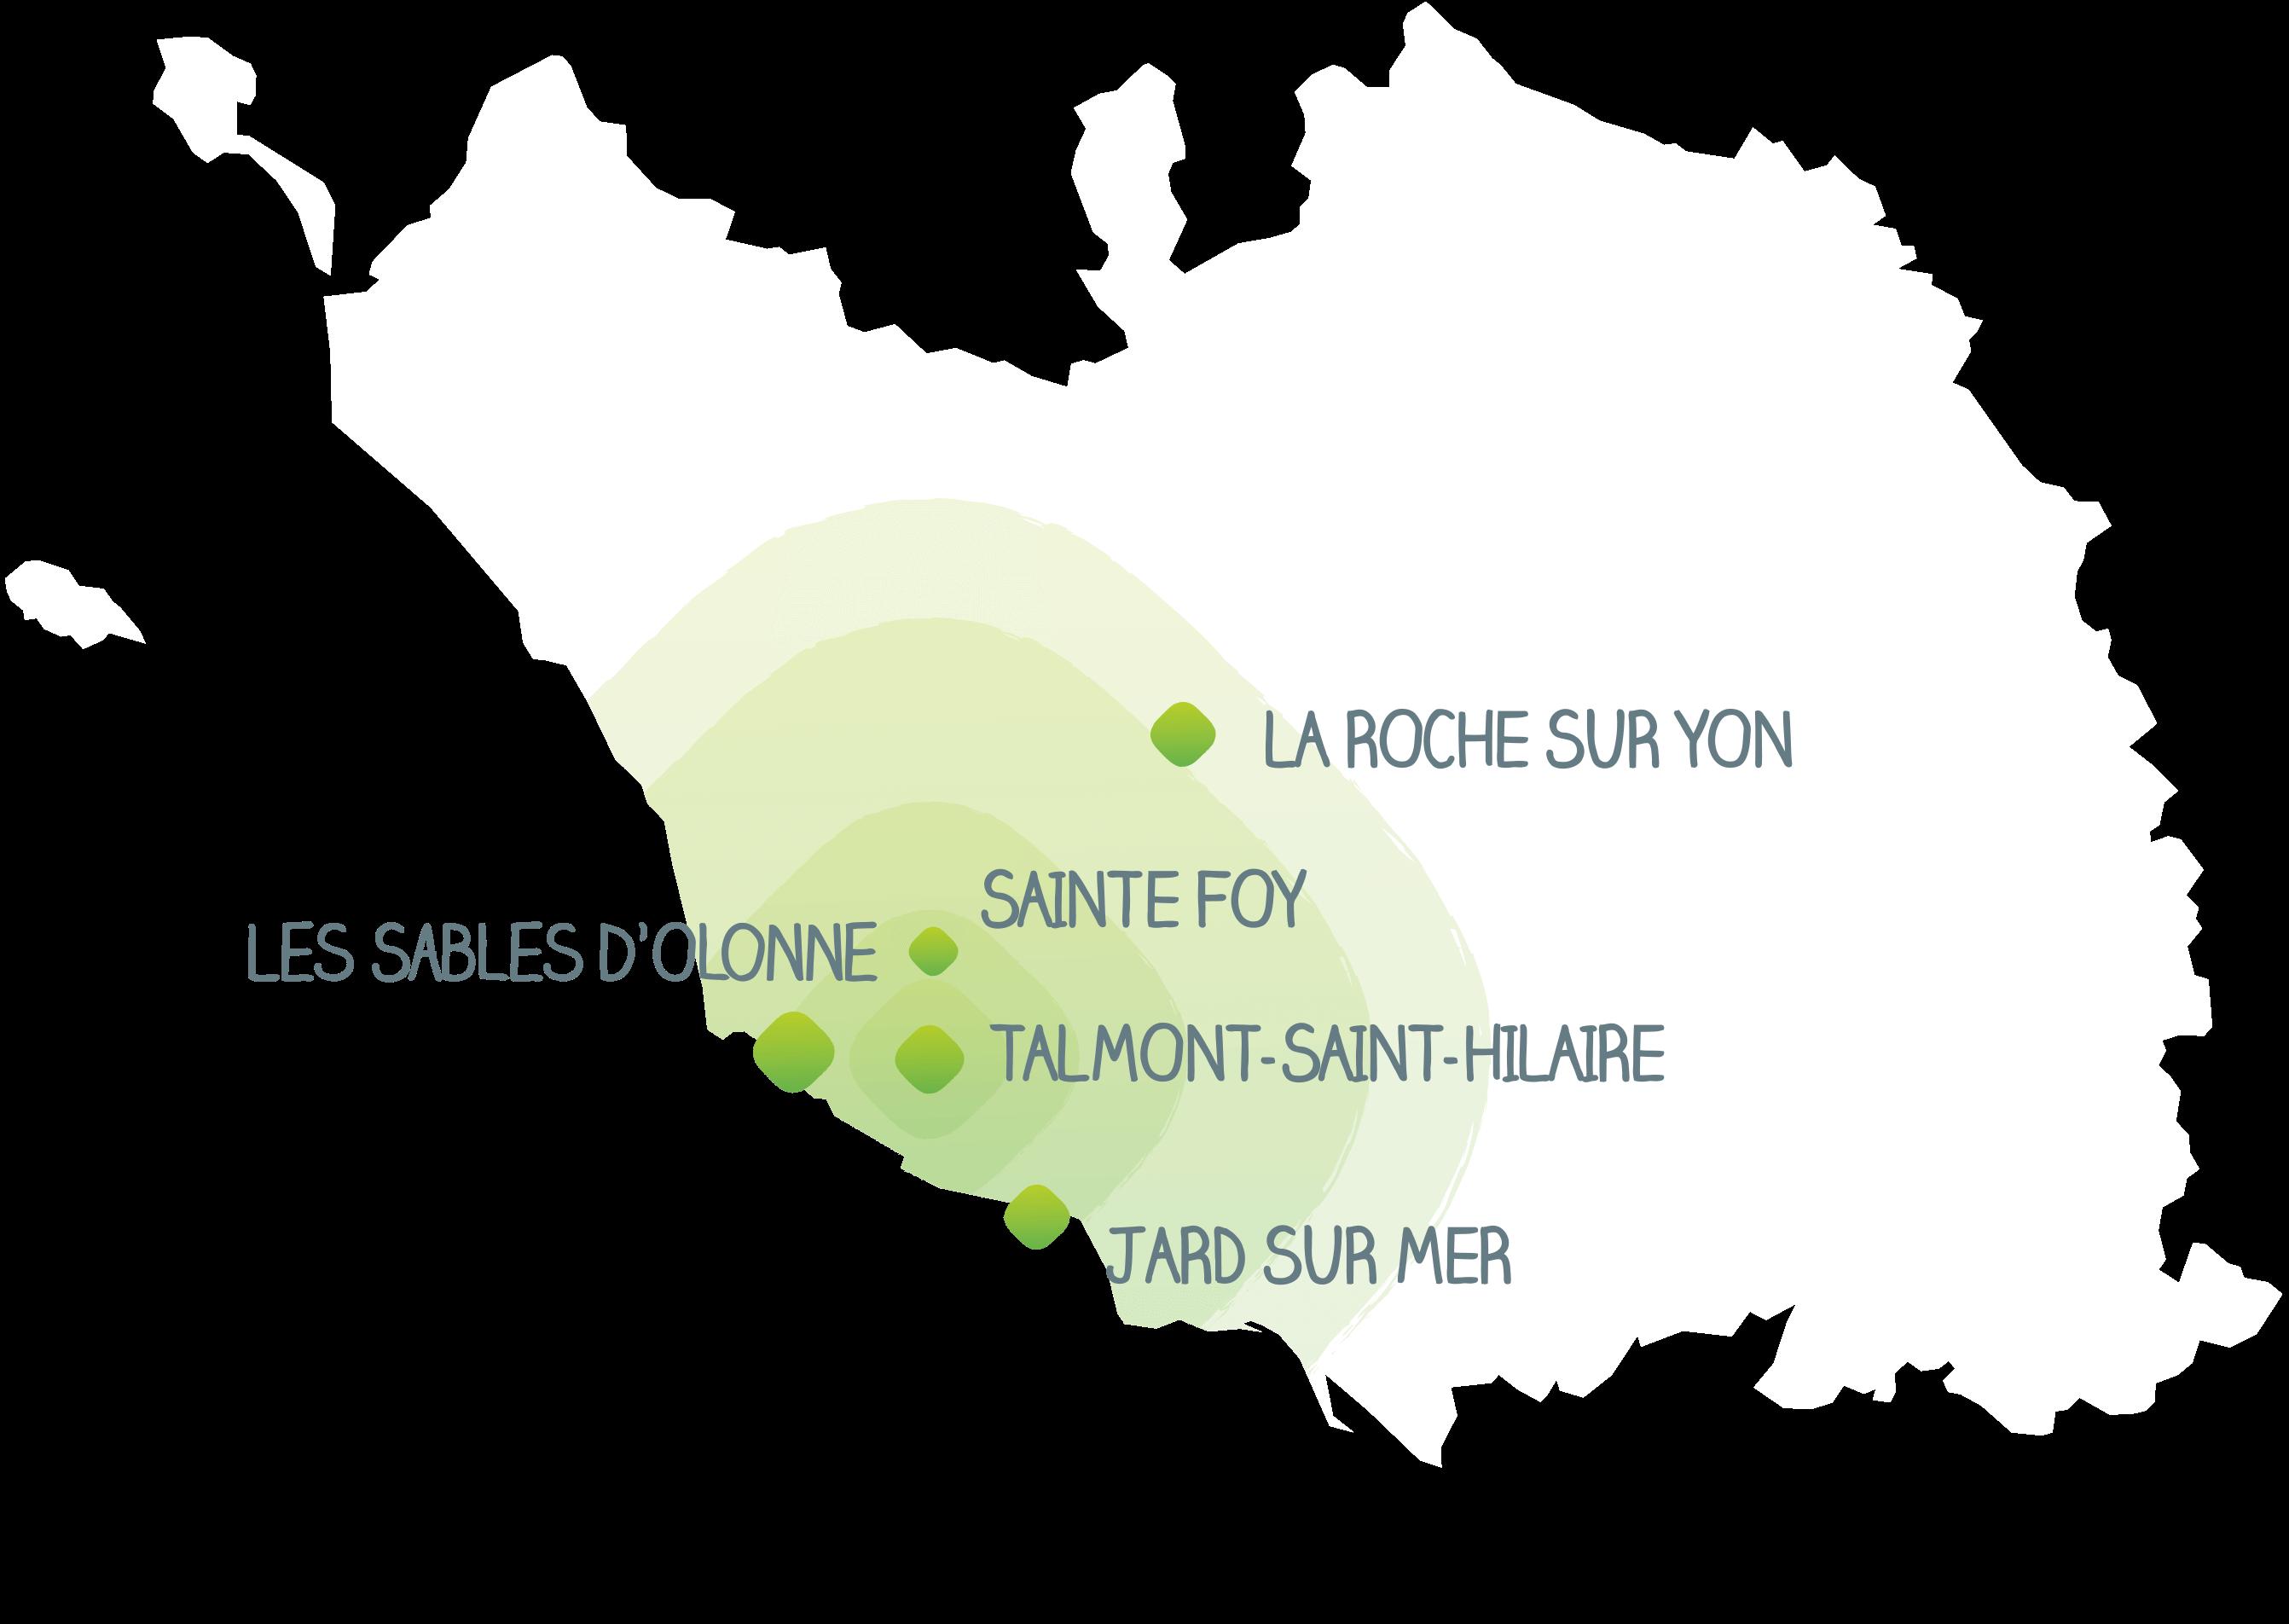 Service à la personne - Talmont-saint-hilaire -  Vendée - gk-services